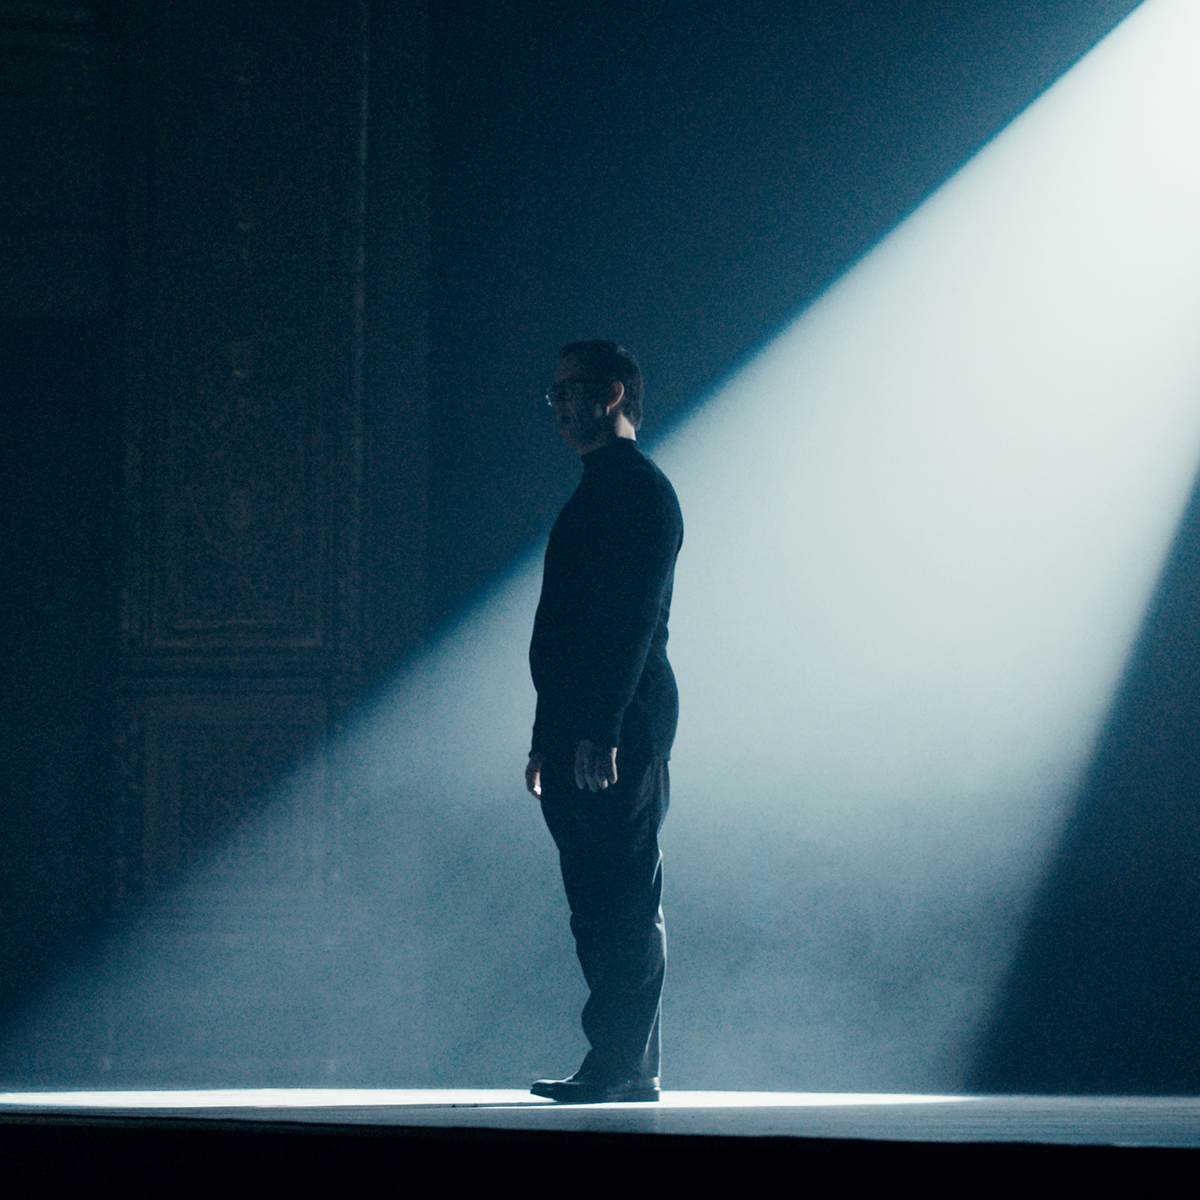 homem em pé em palco escuro, com luz sobre ele.